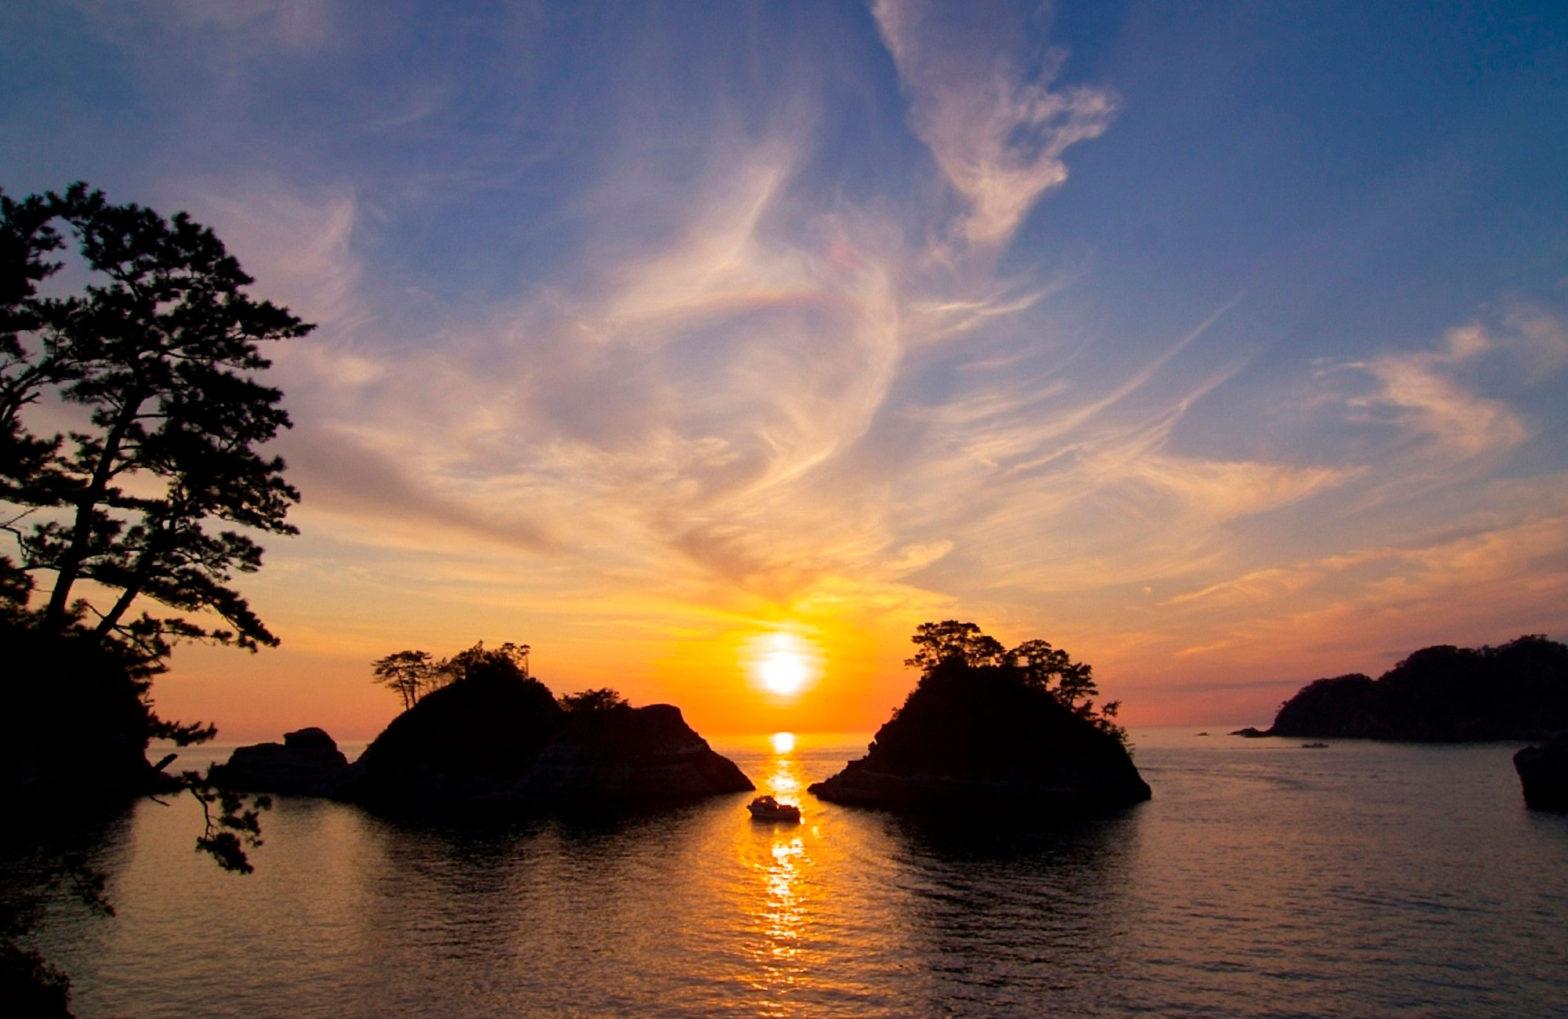 Sunset from Dogashima